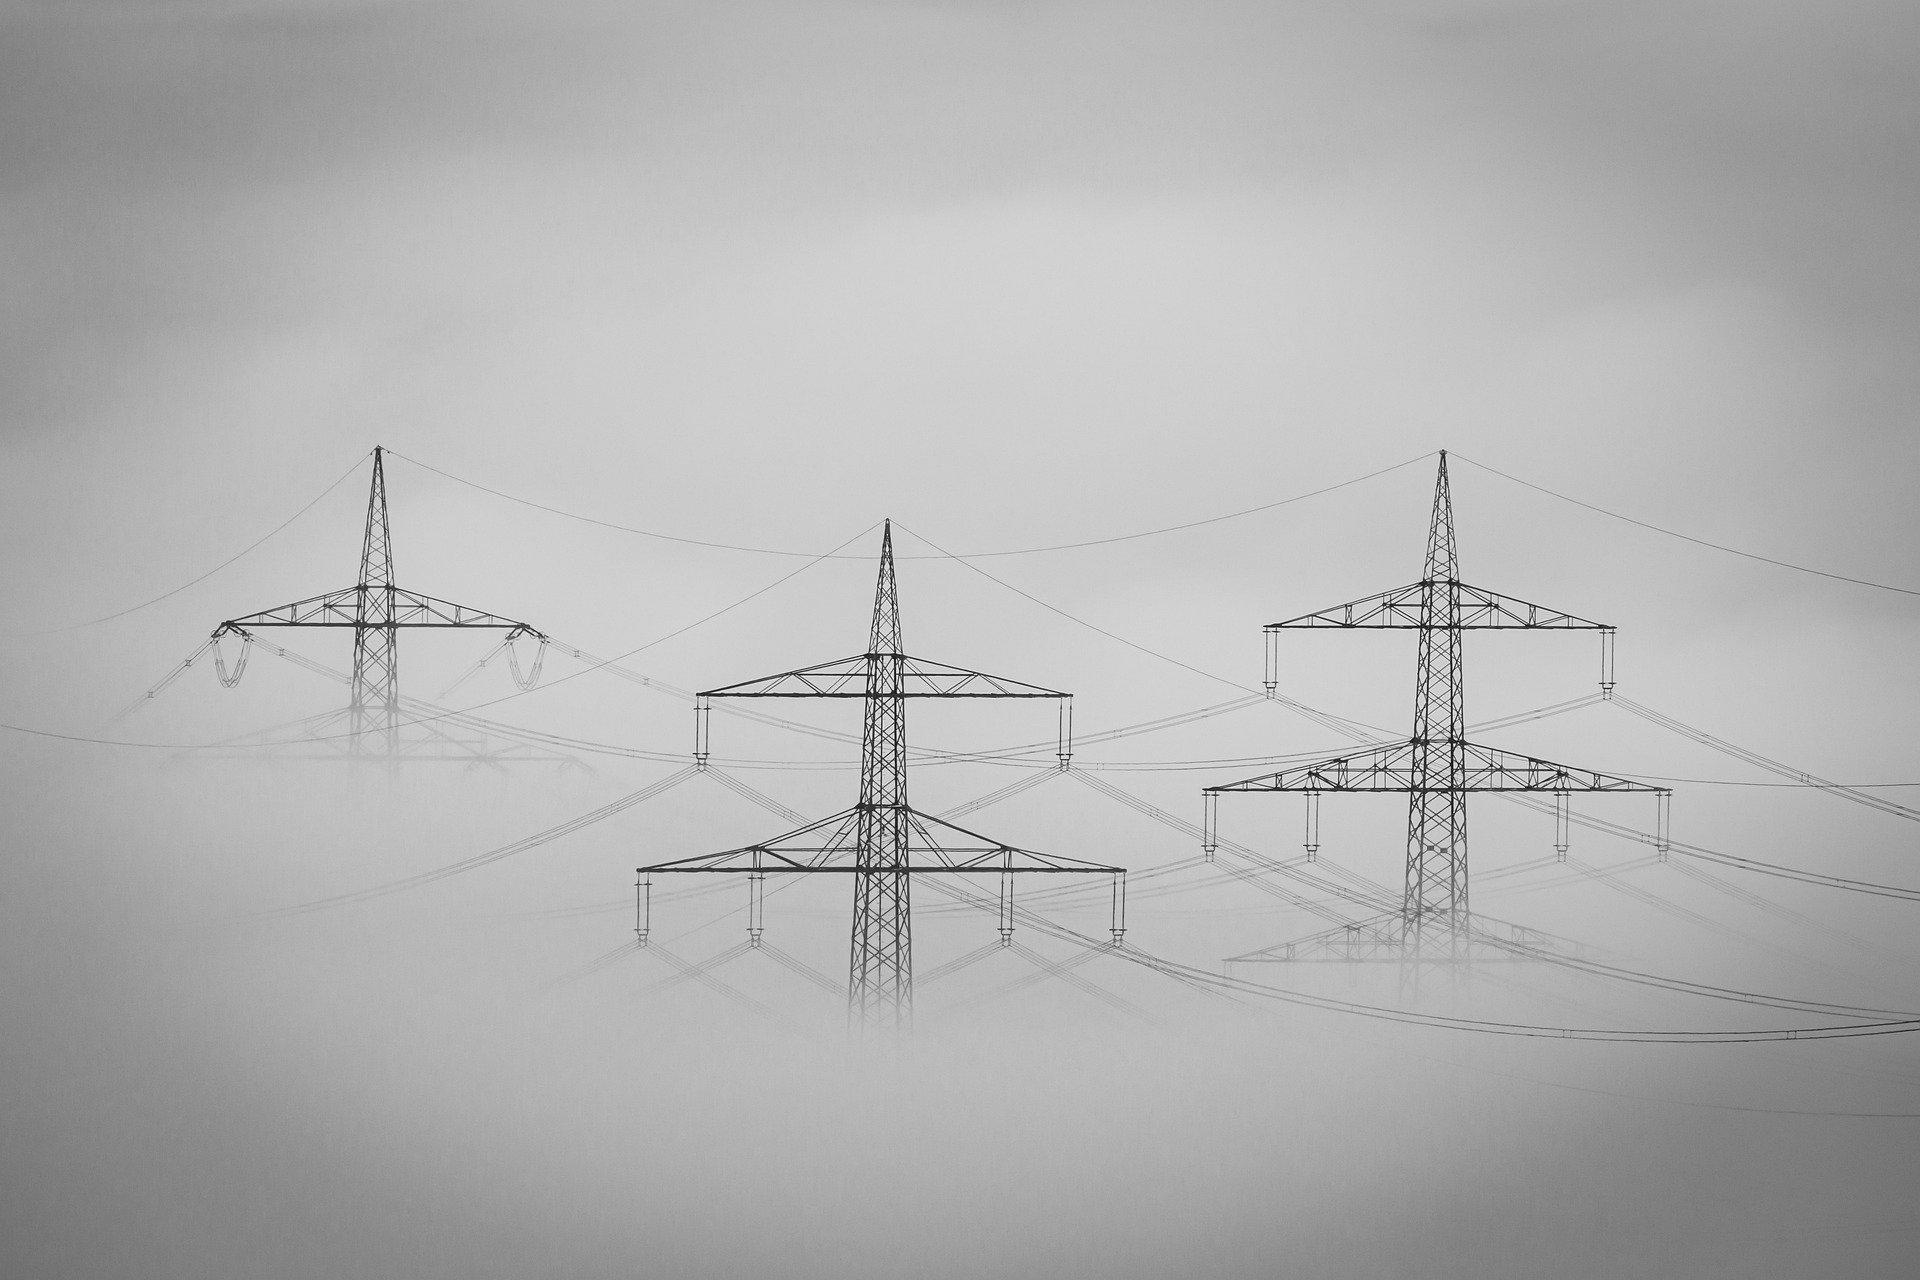 « zot péké rann nou tizi » la colère du SNEG face aux coupures d'électricité